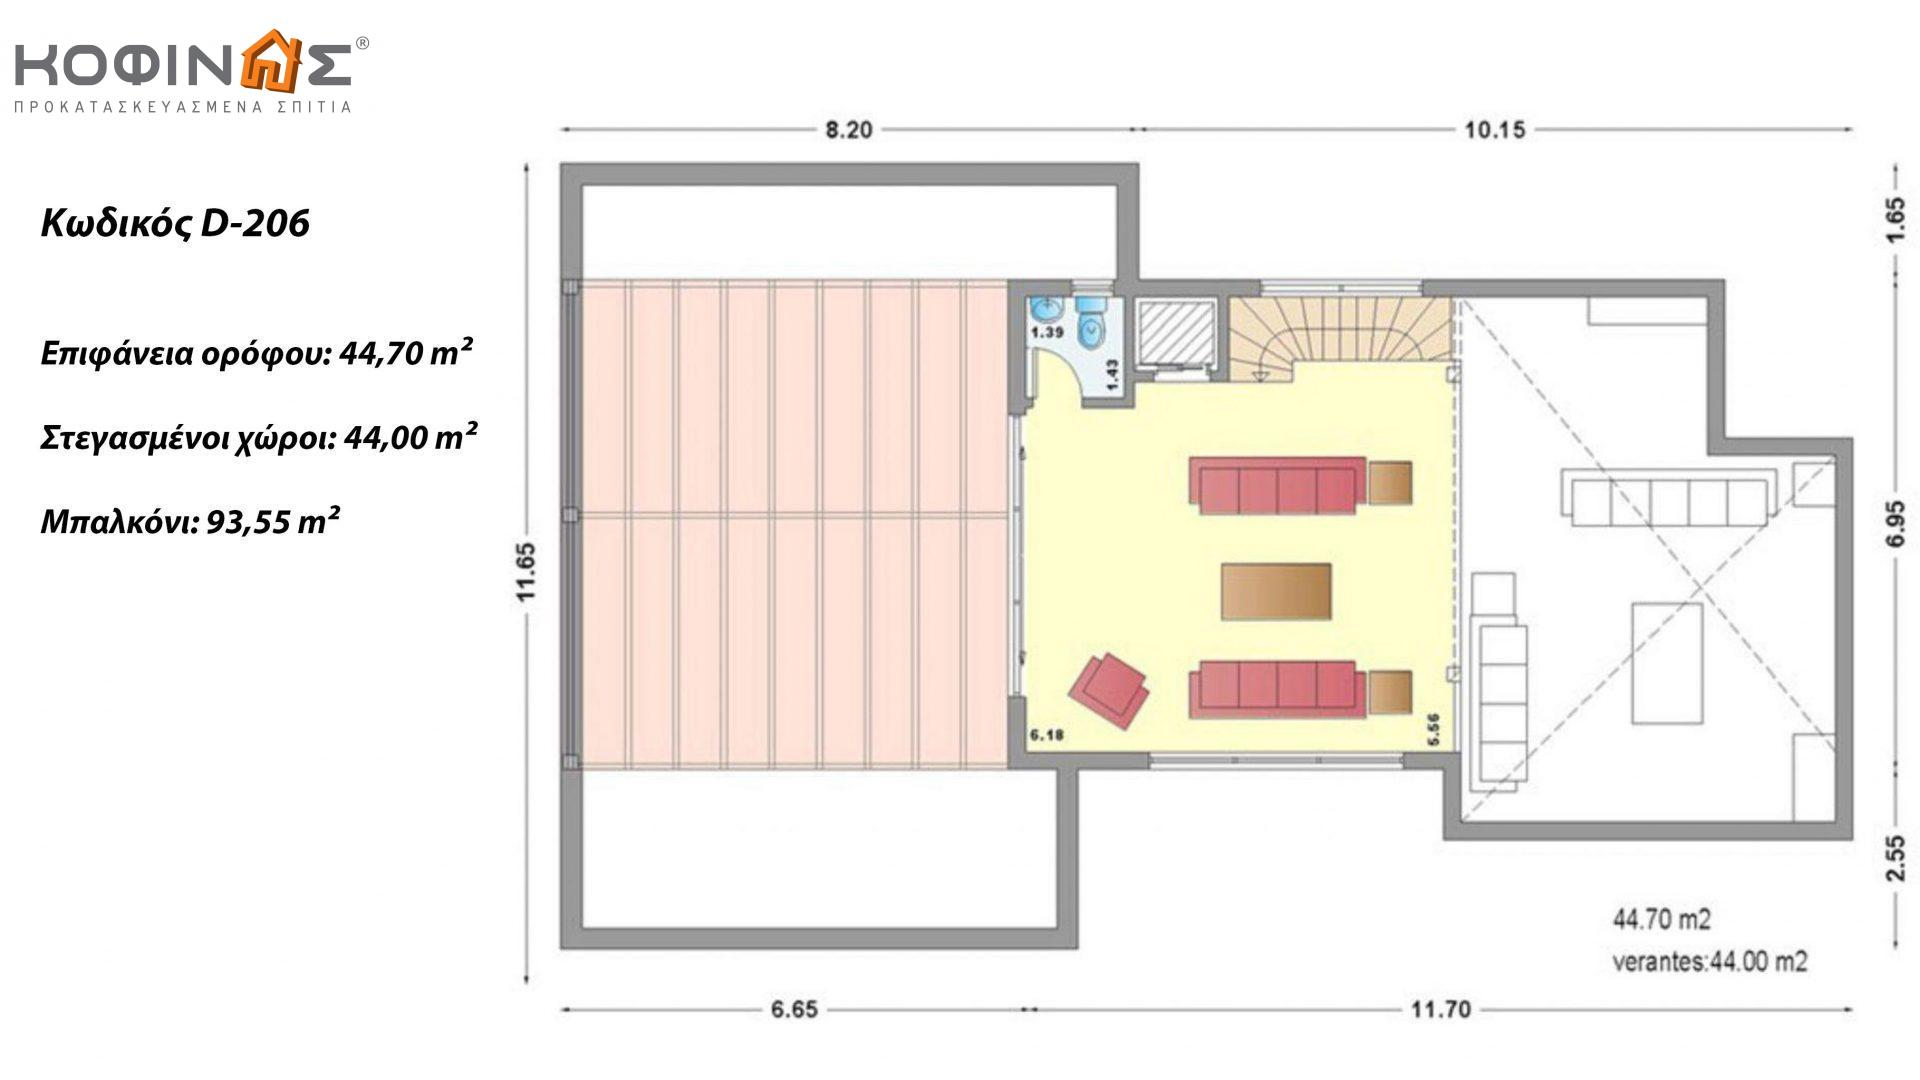 Διώροφη Κατοικία D-206, συνολικής επιφάνειας 206,30 τ.μ., συνολική επιφάνεια στεγασμένων χώρων 58.91 τ.μ., μπαλκόνια 93.55 τ.μ.